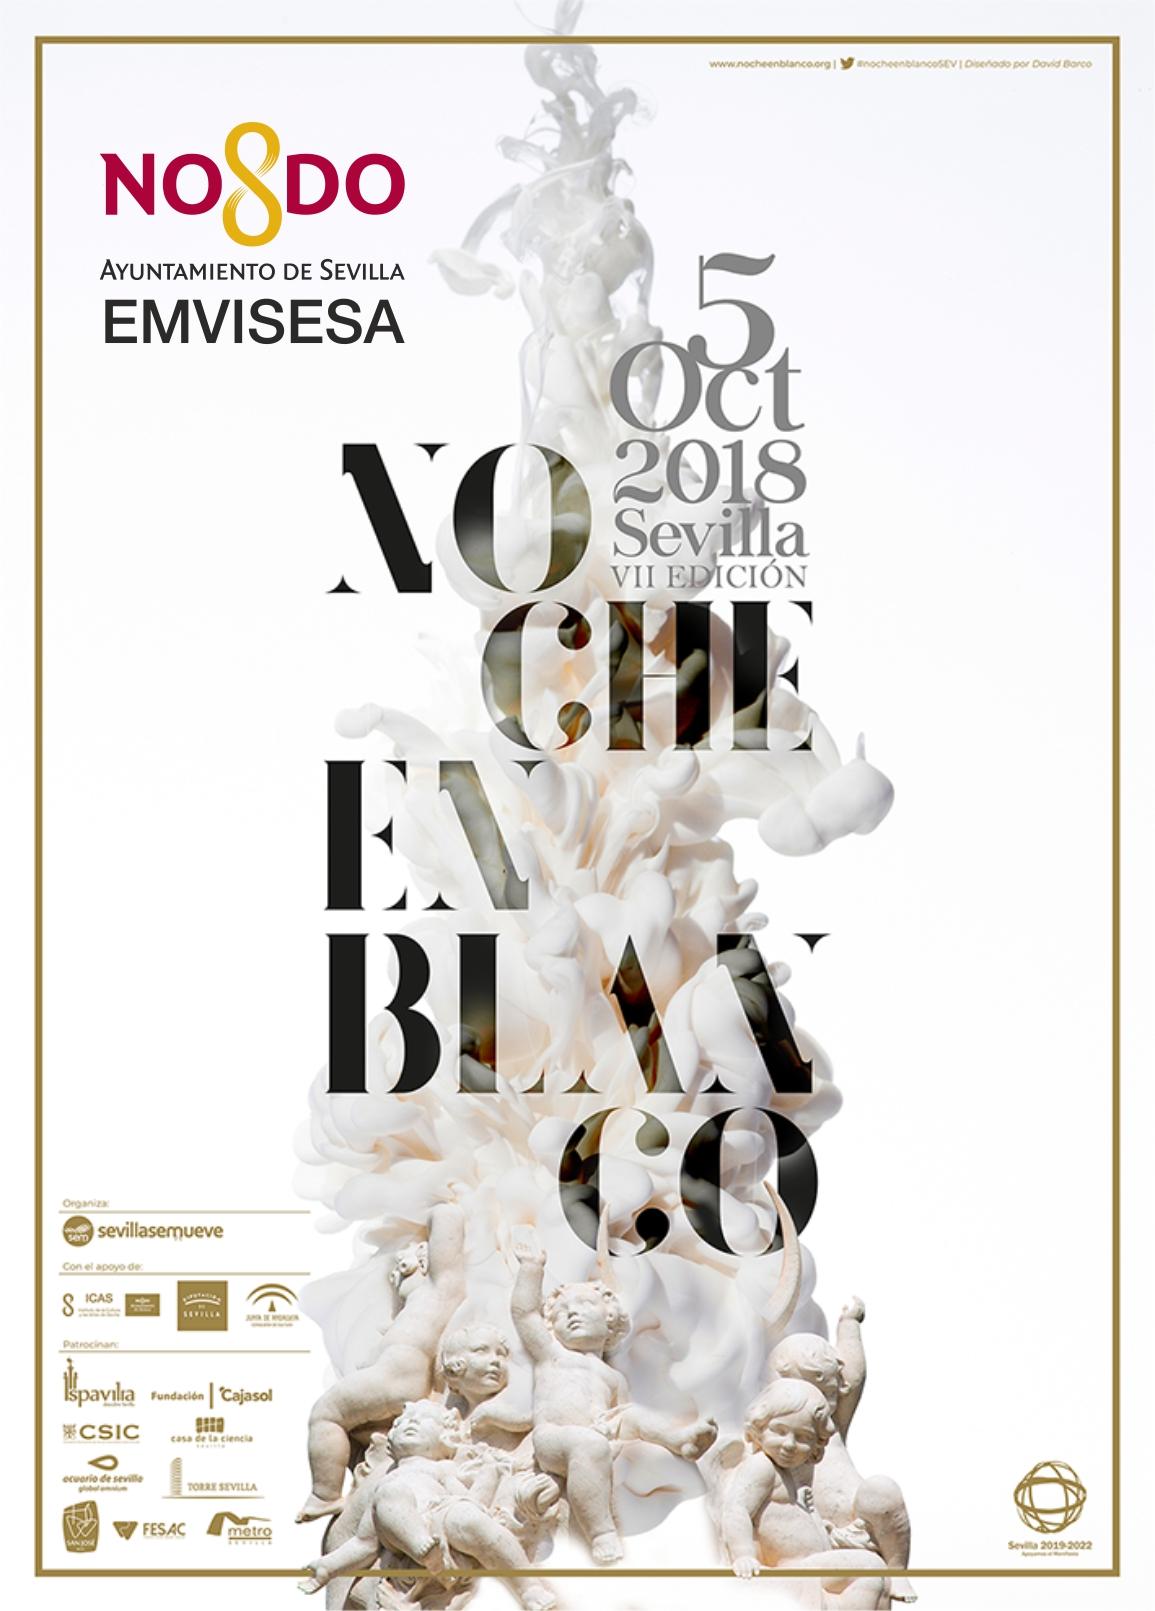 Emvisesa participa en la Noche en Blanco con una jornada de puertas abiertas en Rompemoldes, una singular promoción de casas-taller situadas en la calle San Luis